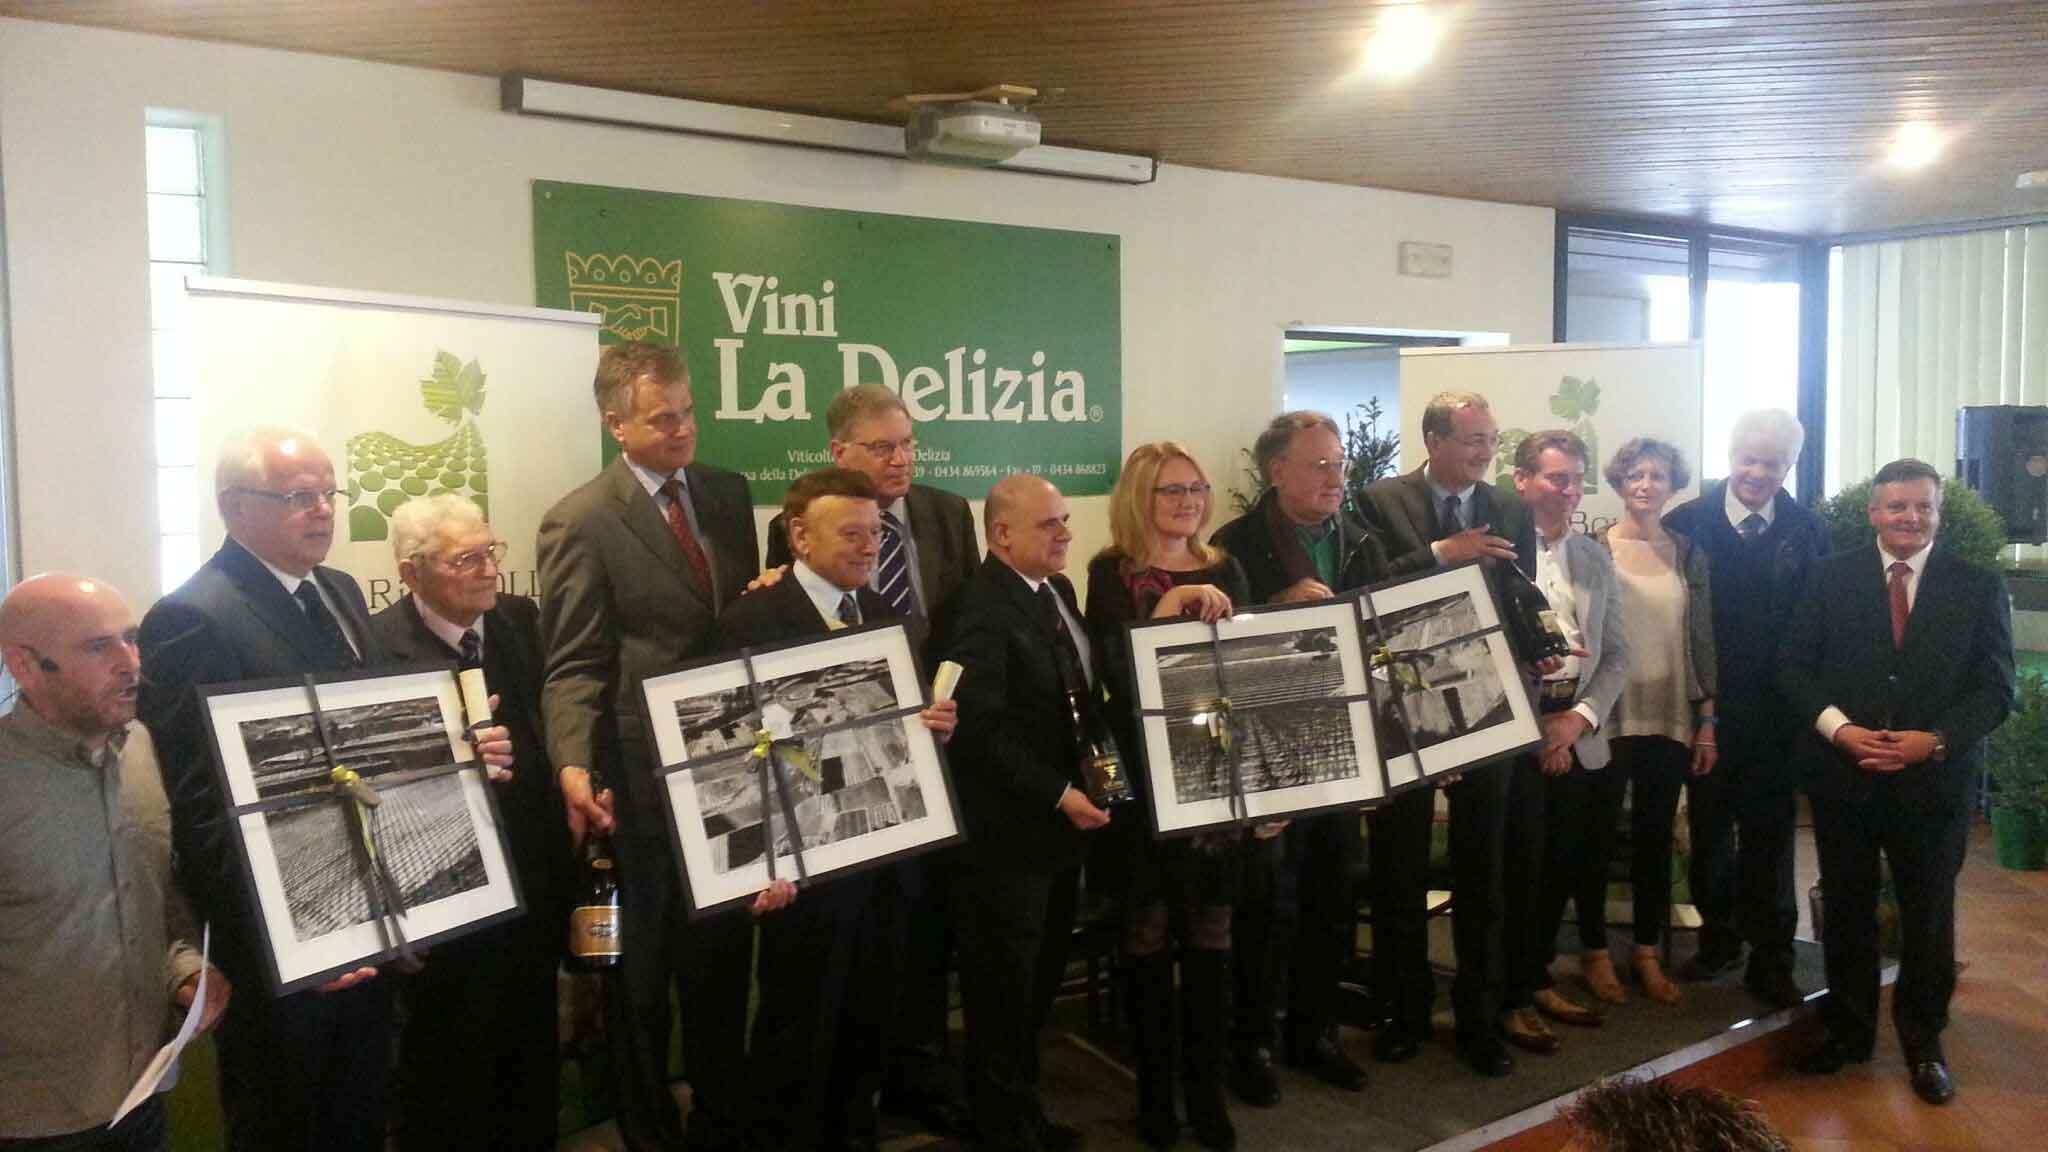 Filari di Bolle: i vincitori della prima selezione degli spumanti del Friuli Venezia Giulia